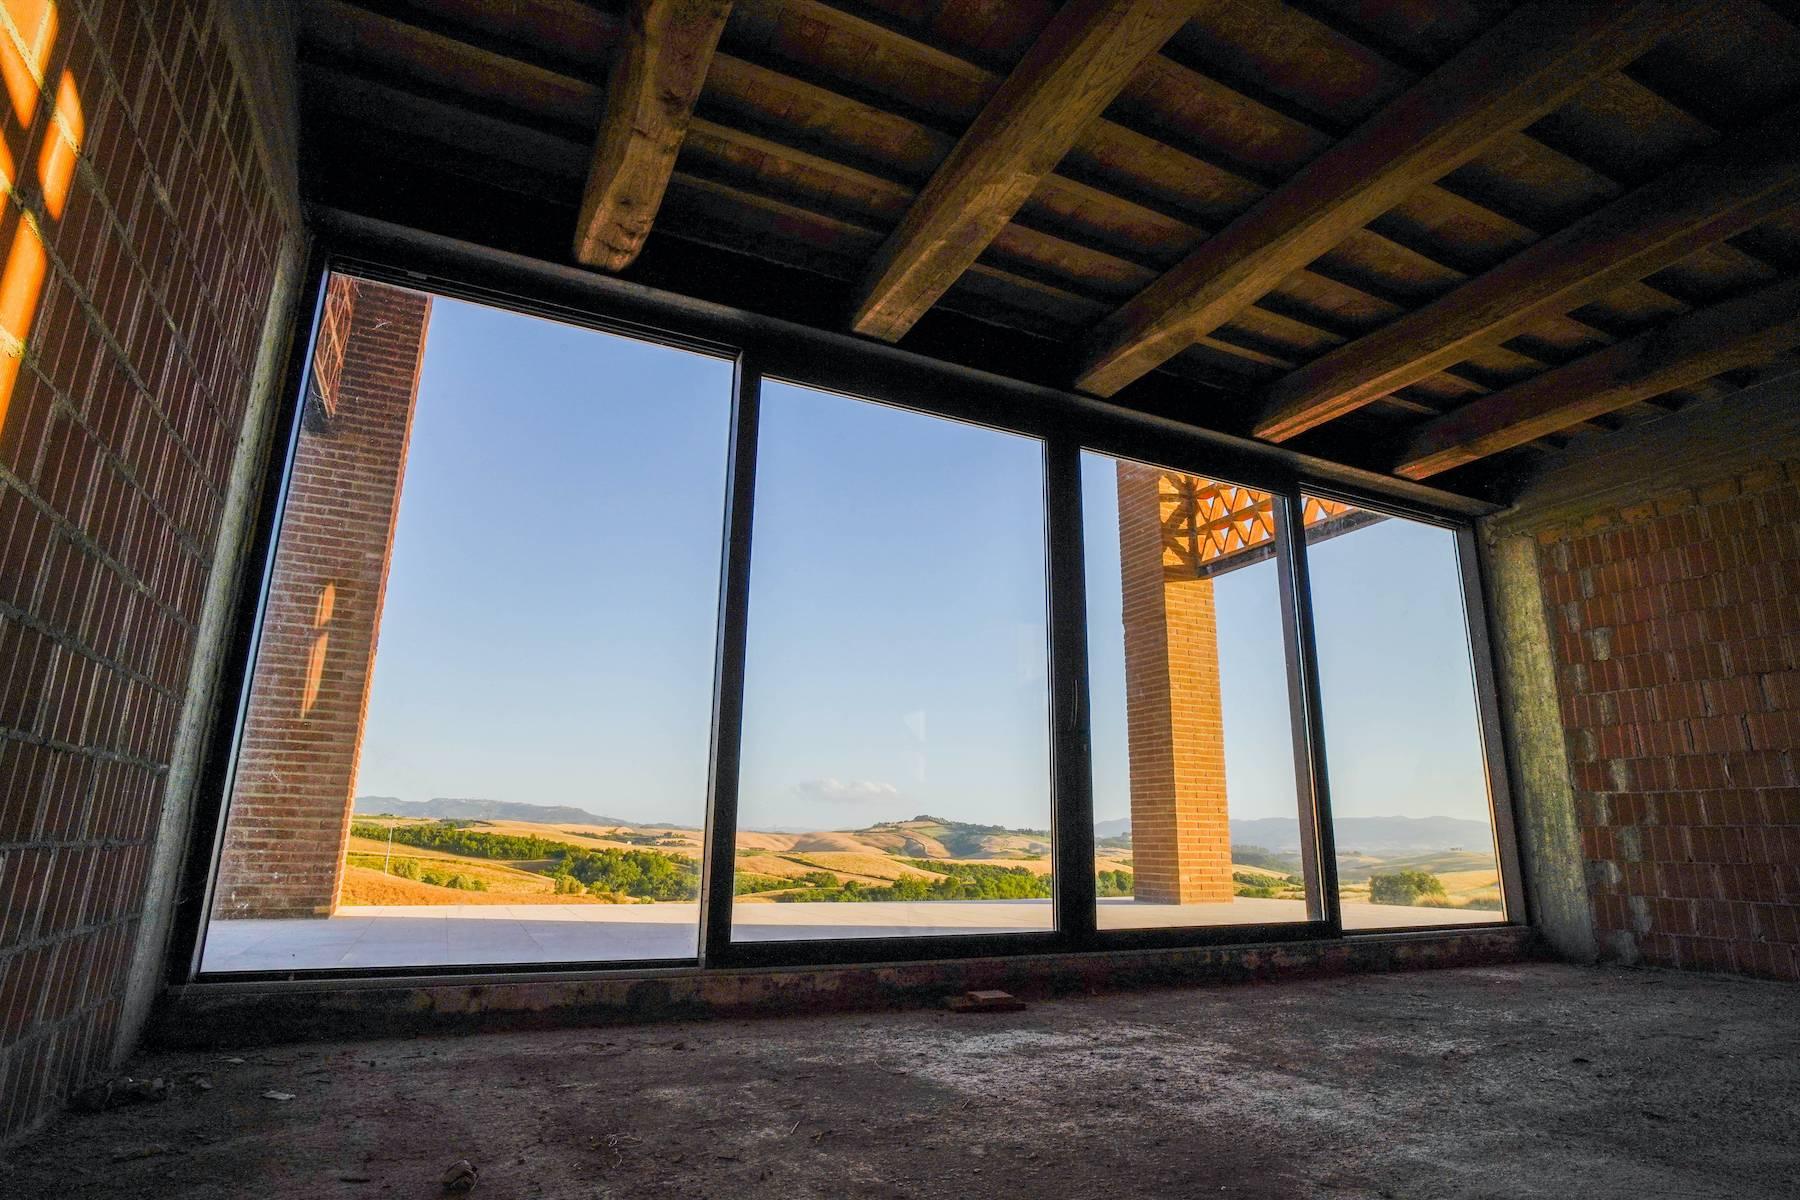 Rustico in Vendita a Montaione: 5 locali, 250 mq - Foto 21